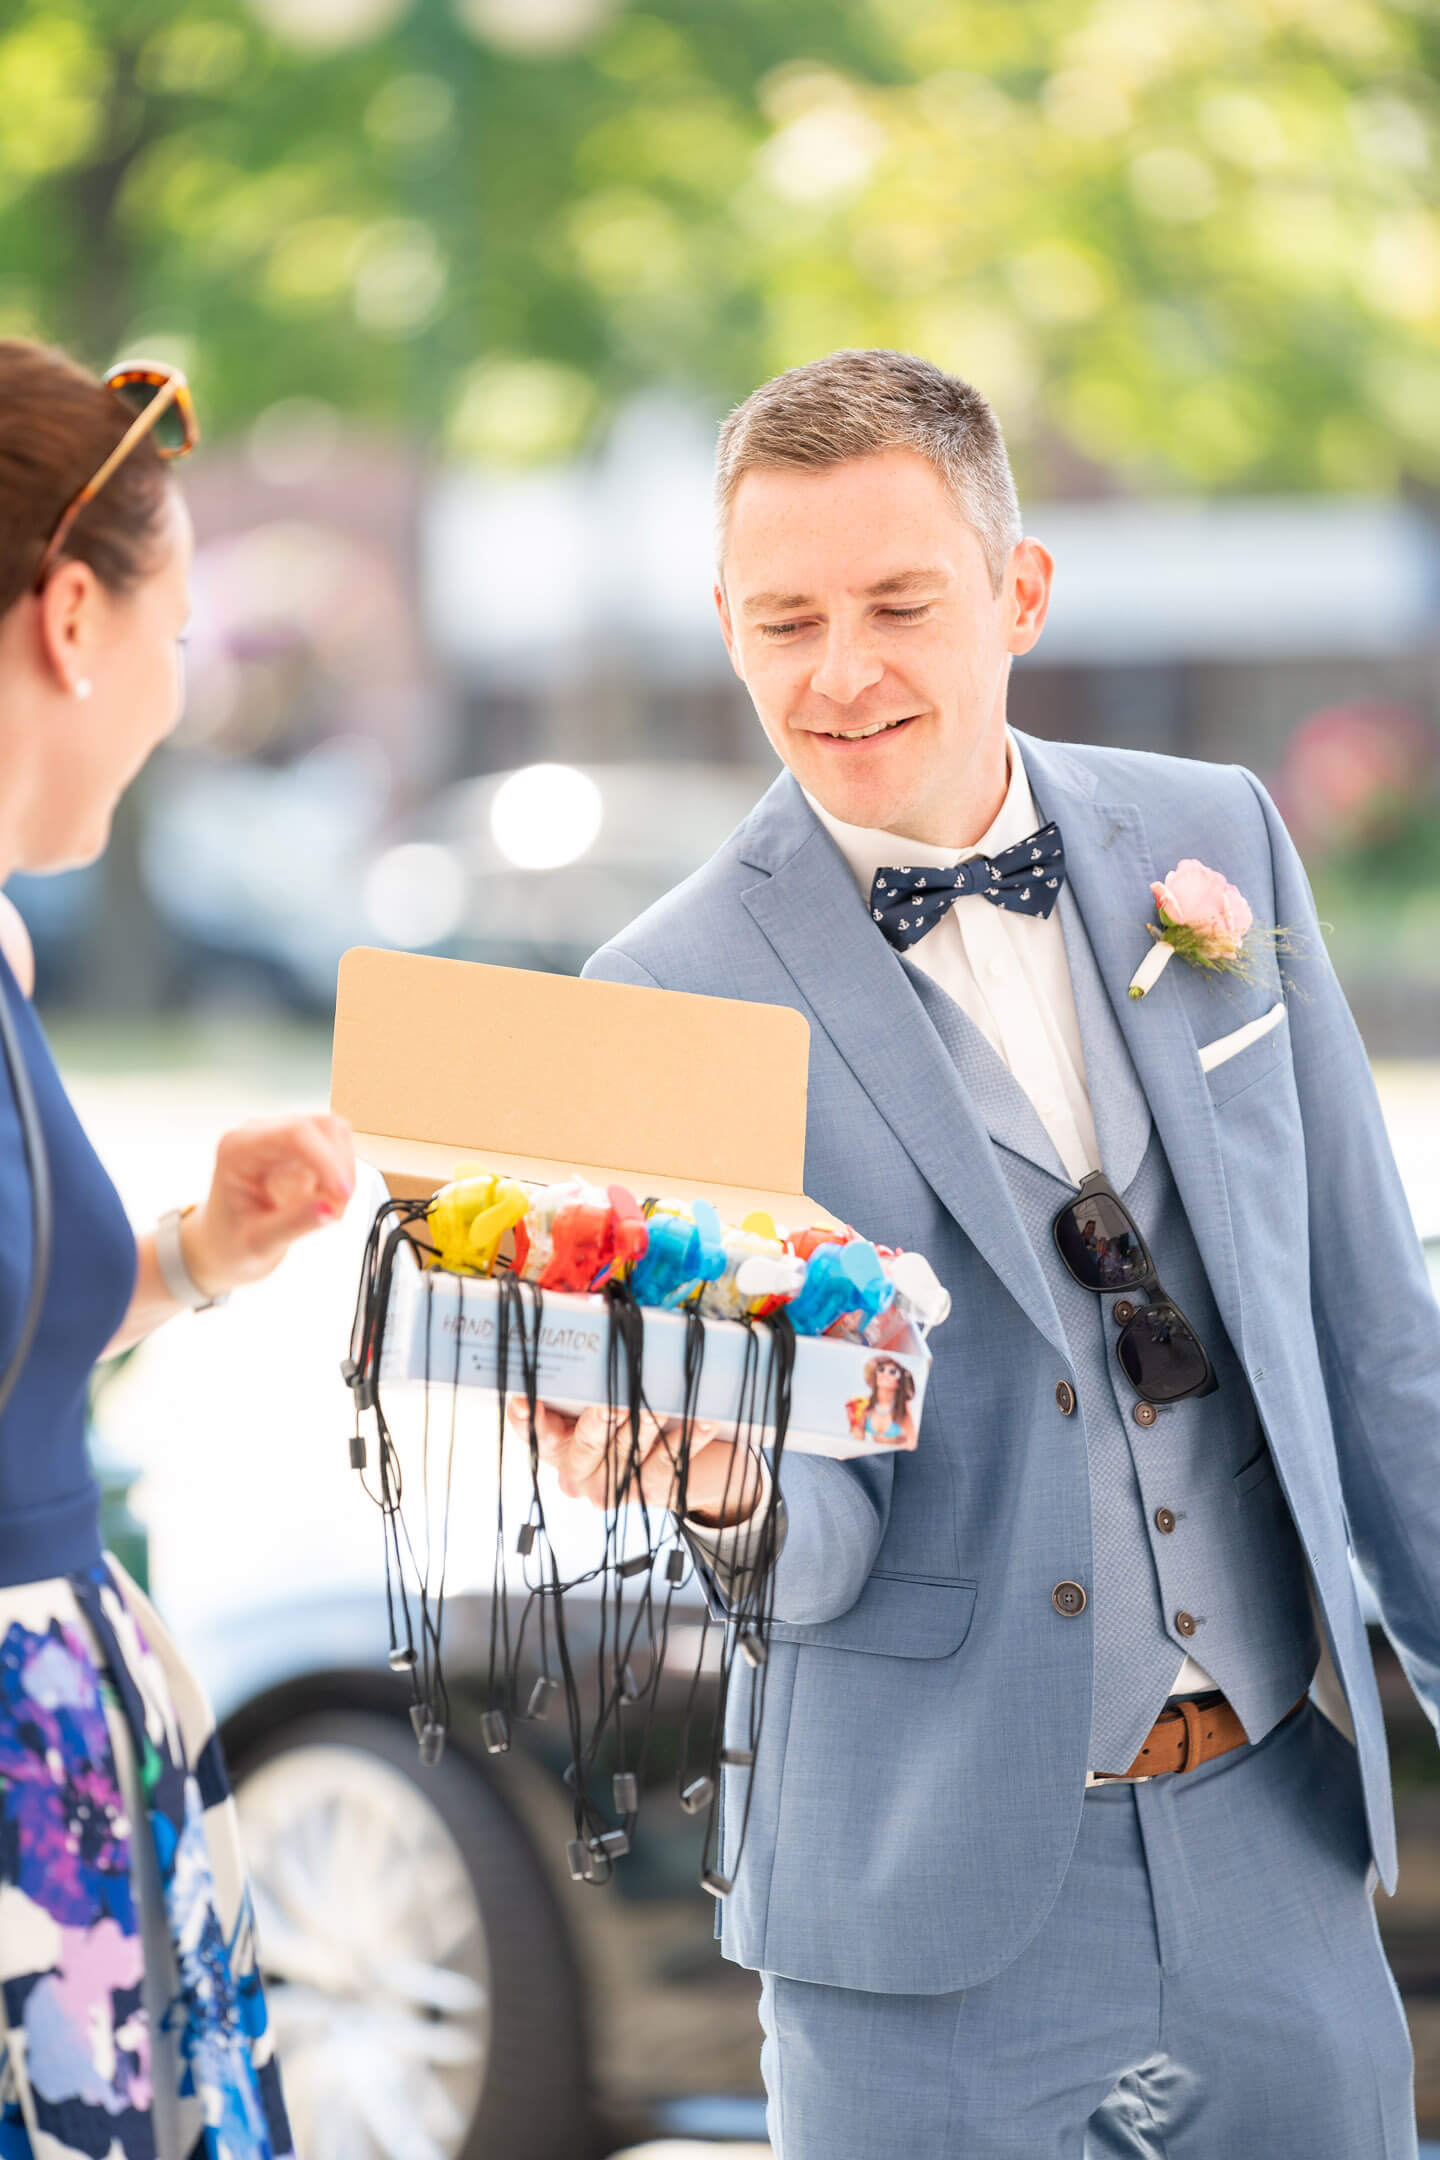 Miniventilatoren werden für eine Hochzeit verteilt